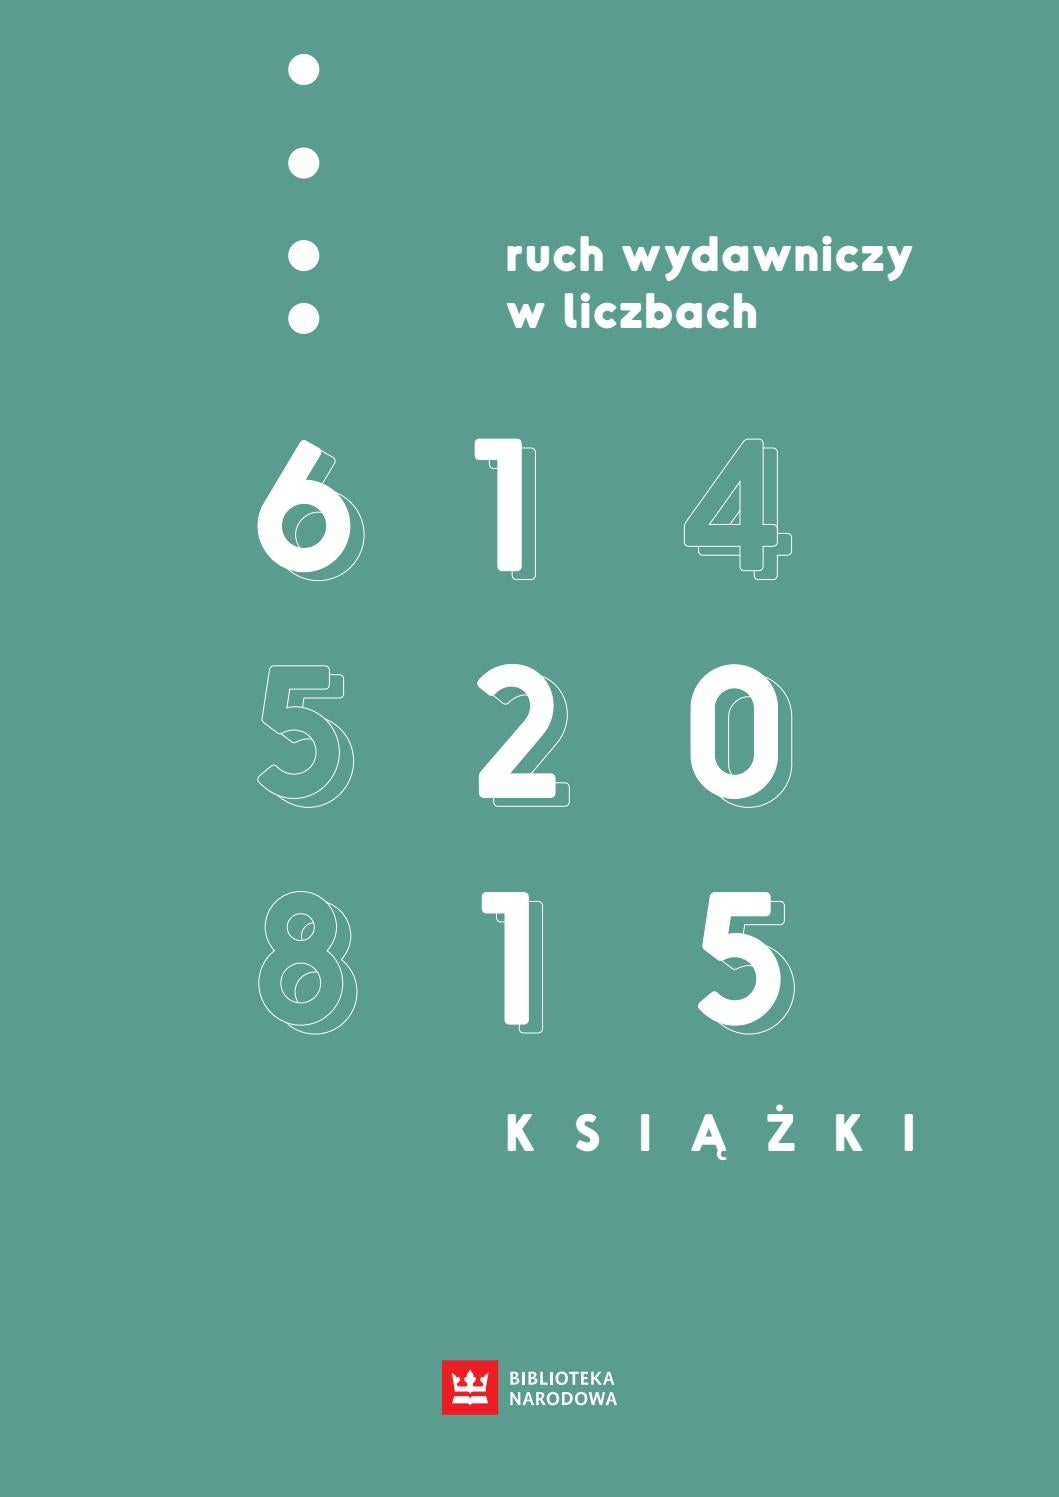 Ruch Wydawniczy W Liczbach 61 2015 Ksiazki By Szymon